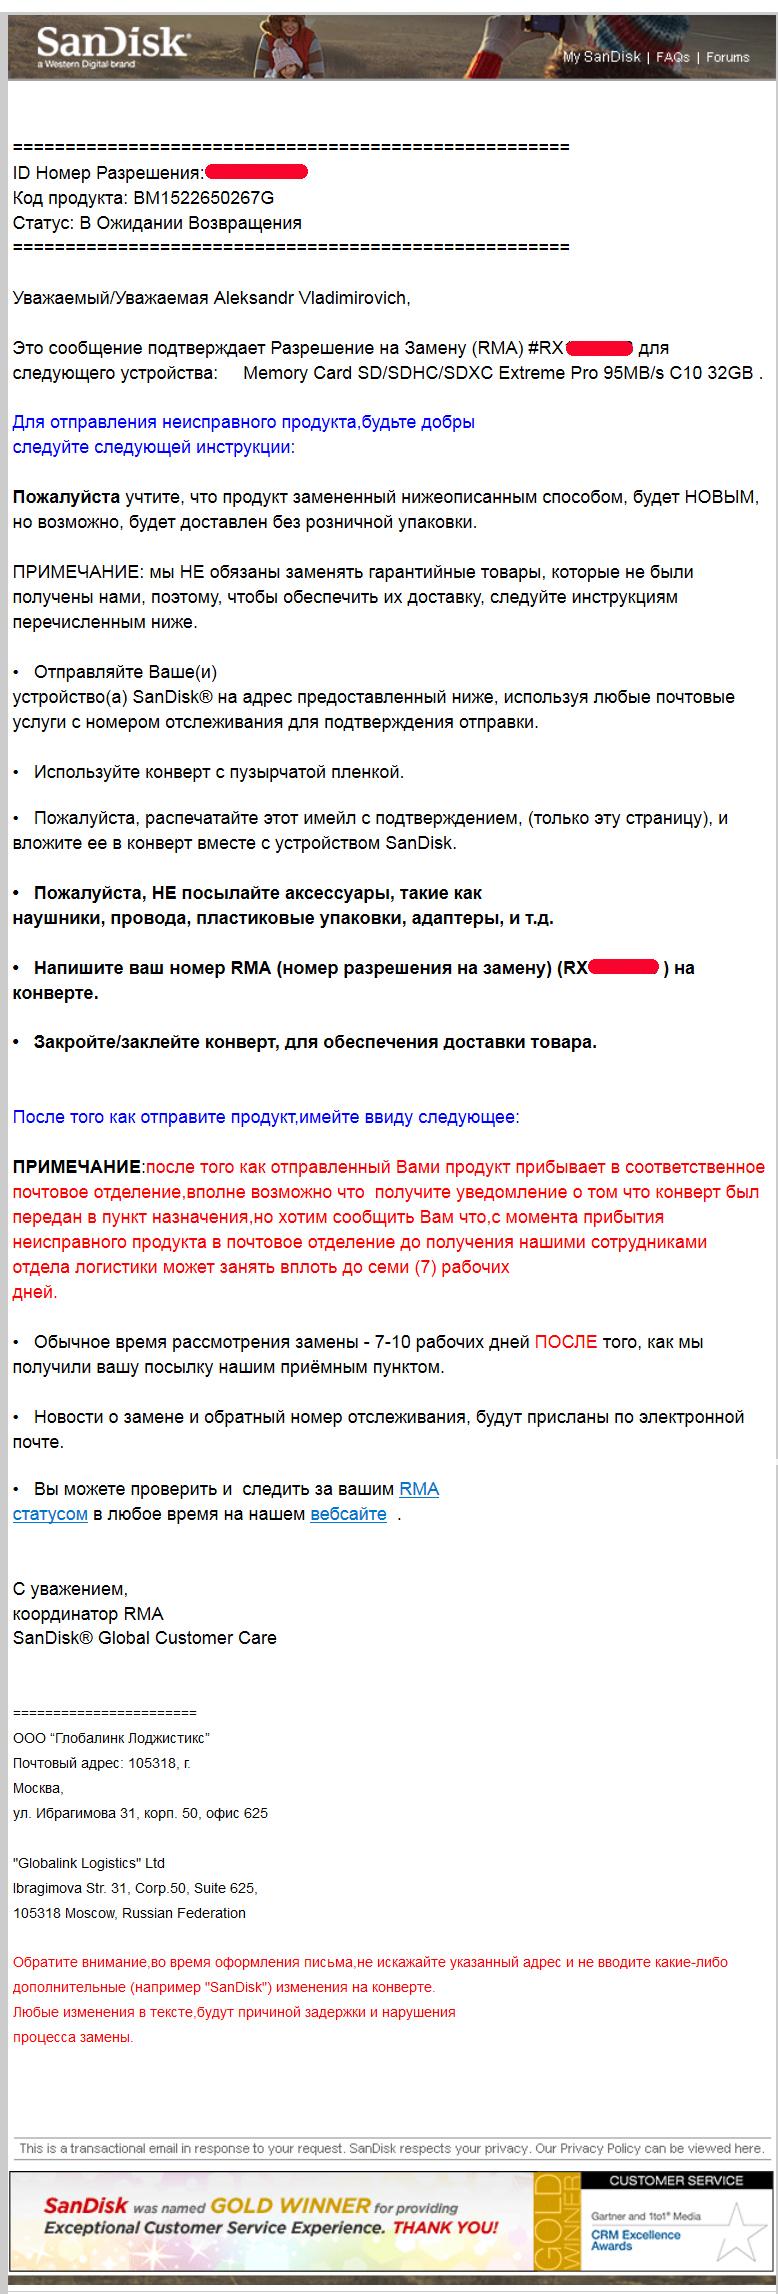 074_Sandisk_004.JPG